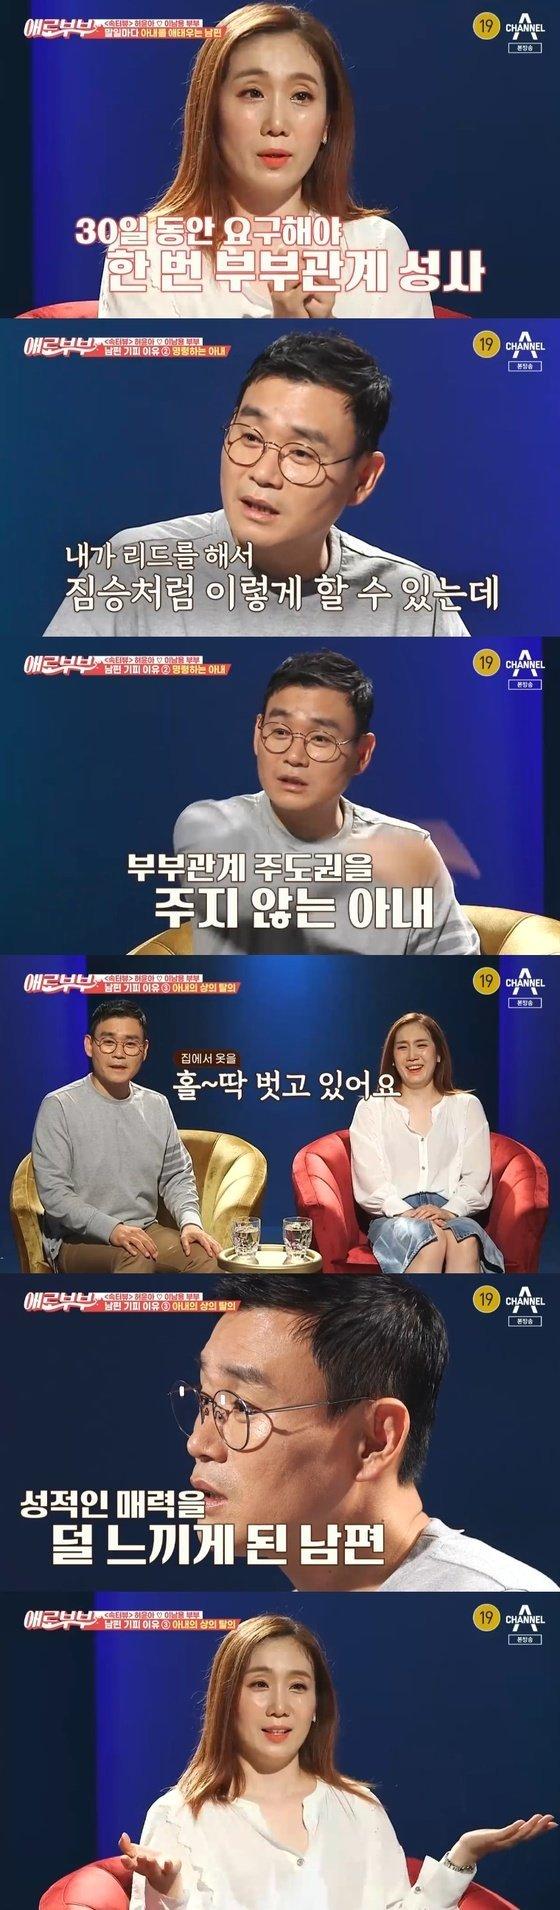 /사진=채널A SKY예능 '애로부부' 방송 화면 캡처